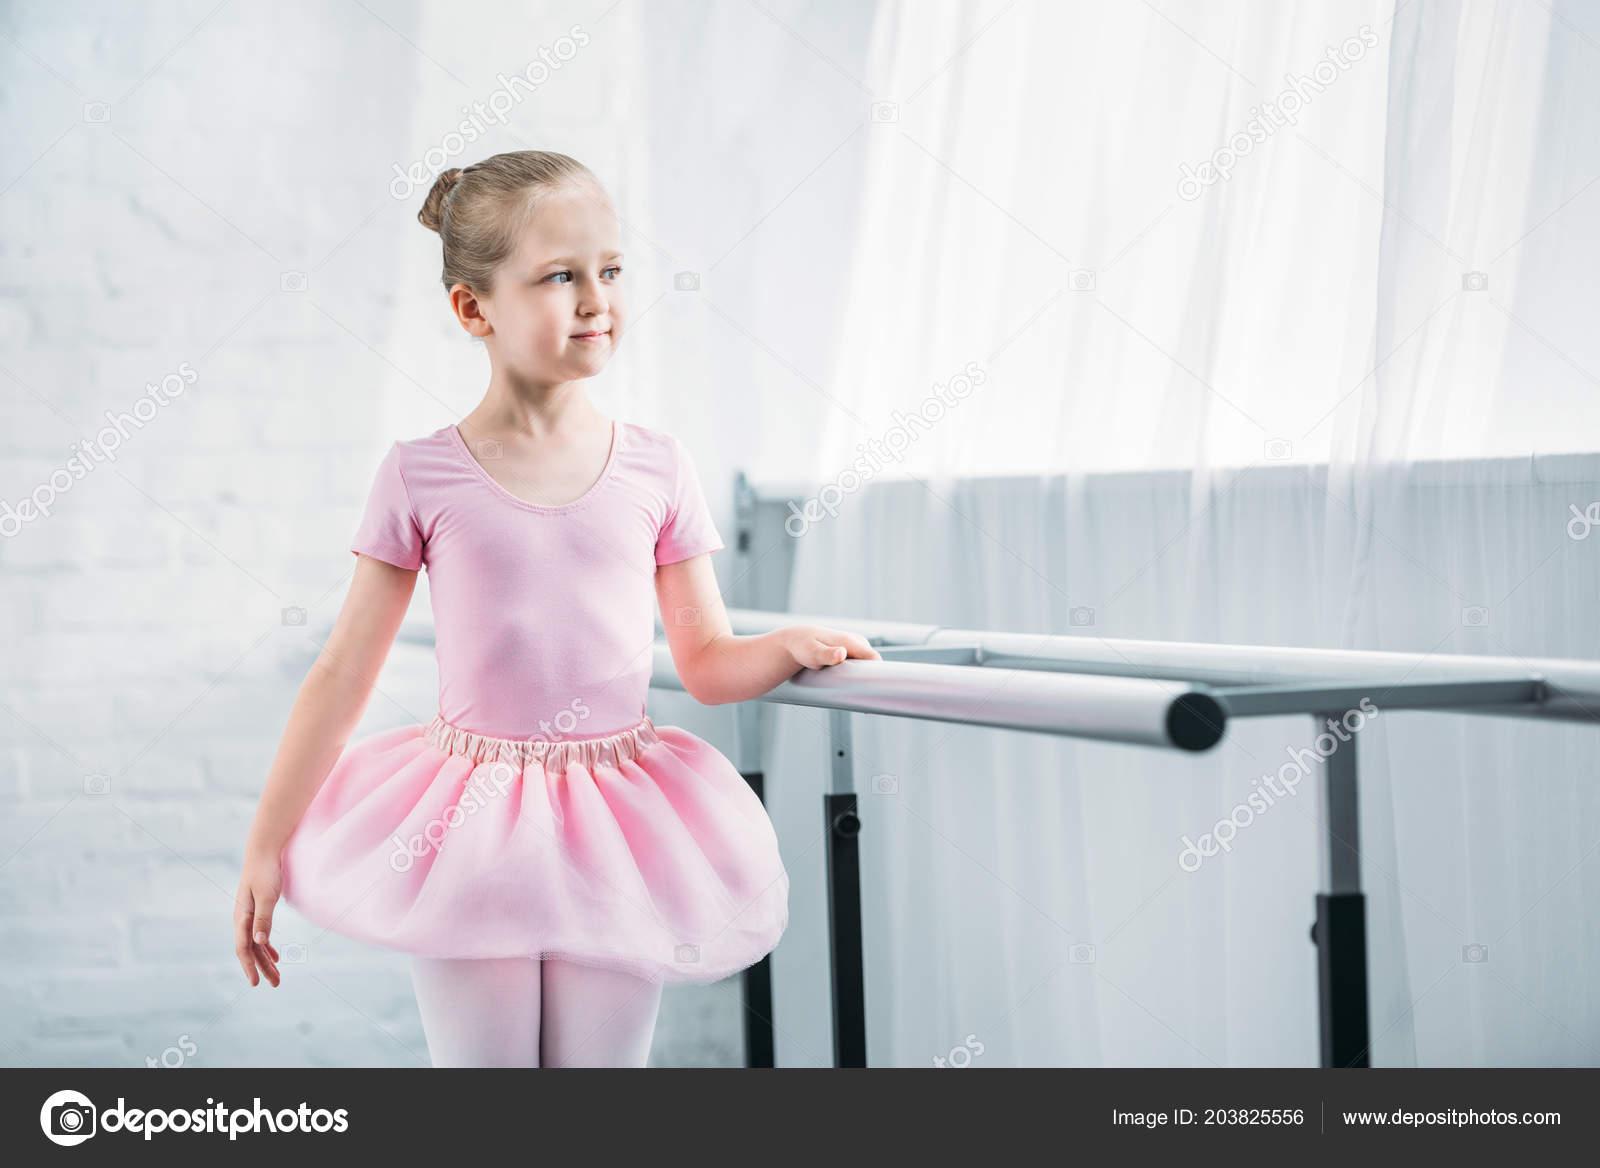 dfbdad32e21 Όμορφο Παιδί Ροζ Τουτού Εξάσκηση Μπαλέτο Και Αναζητούν Μακριά Στη — Φωτογραφία  Αρχείου